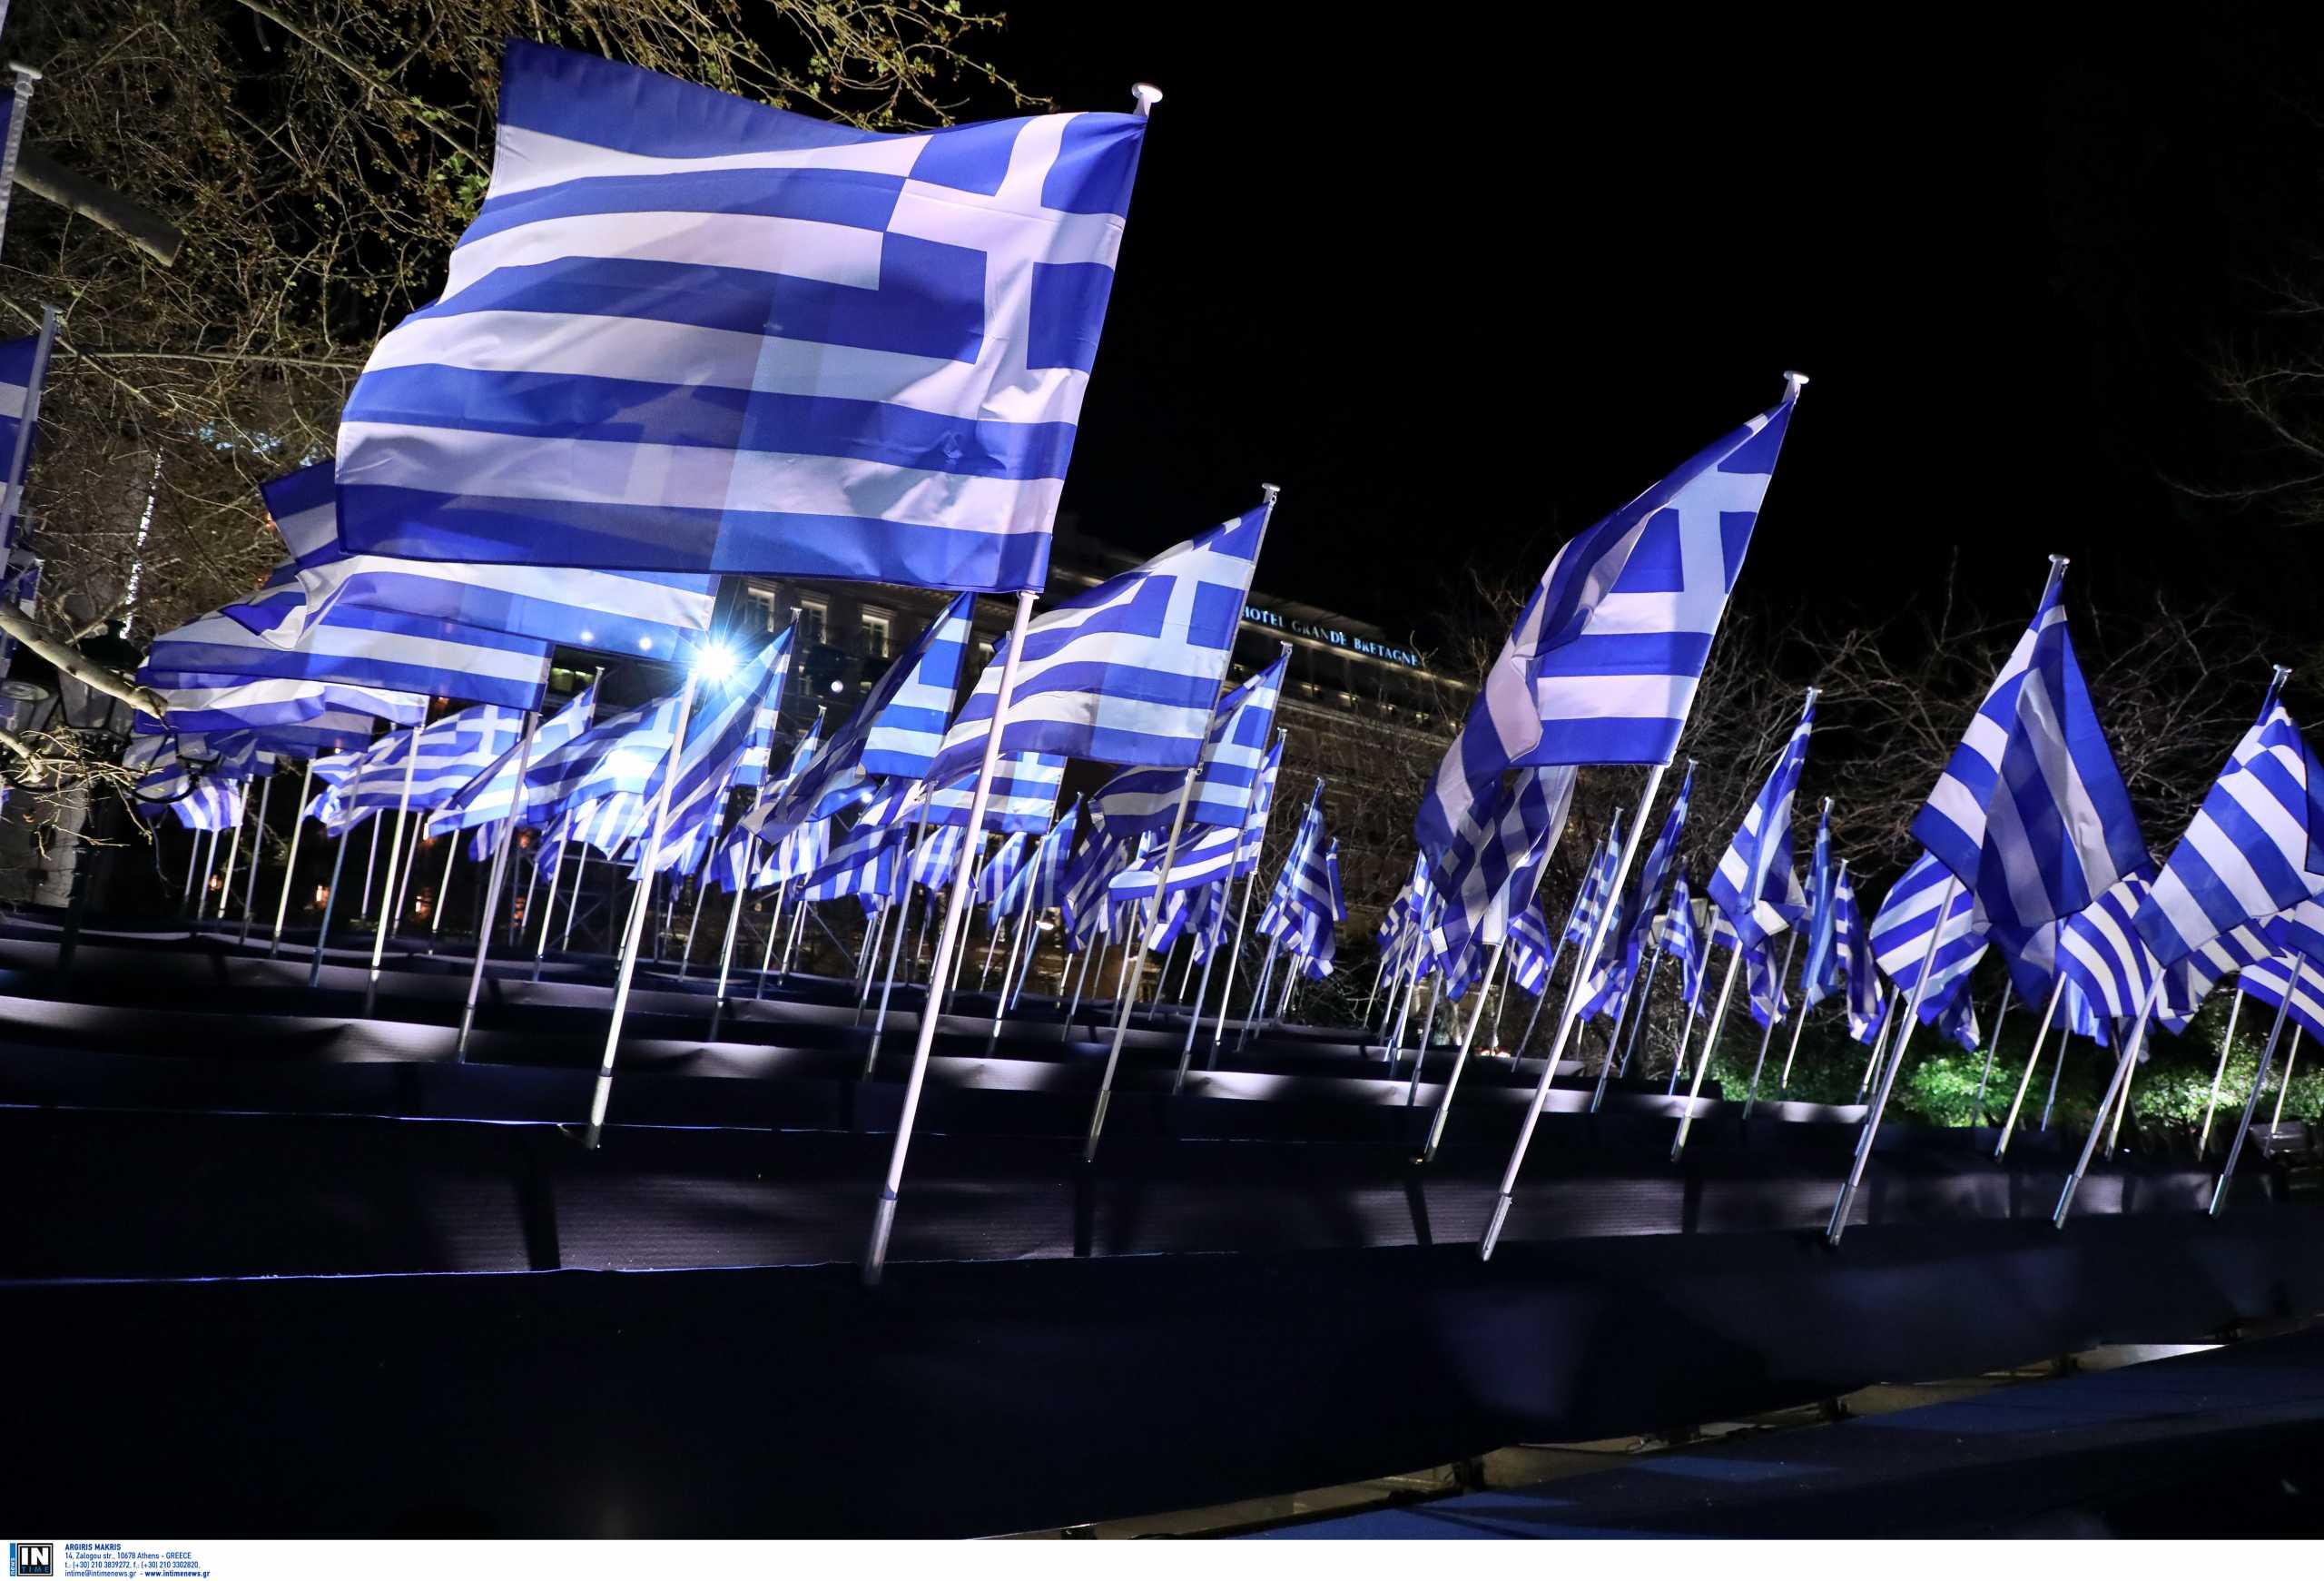 ΠΑΟΚ: Θα φωταγωγηθεί στα χρώματα της ελληνικής σημαίας η Τούμπα